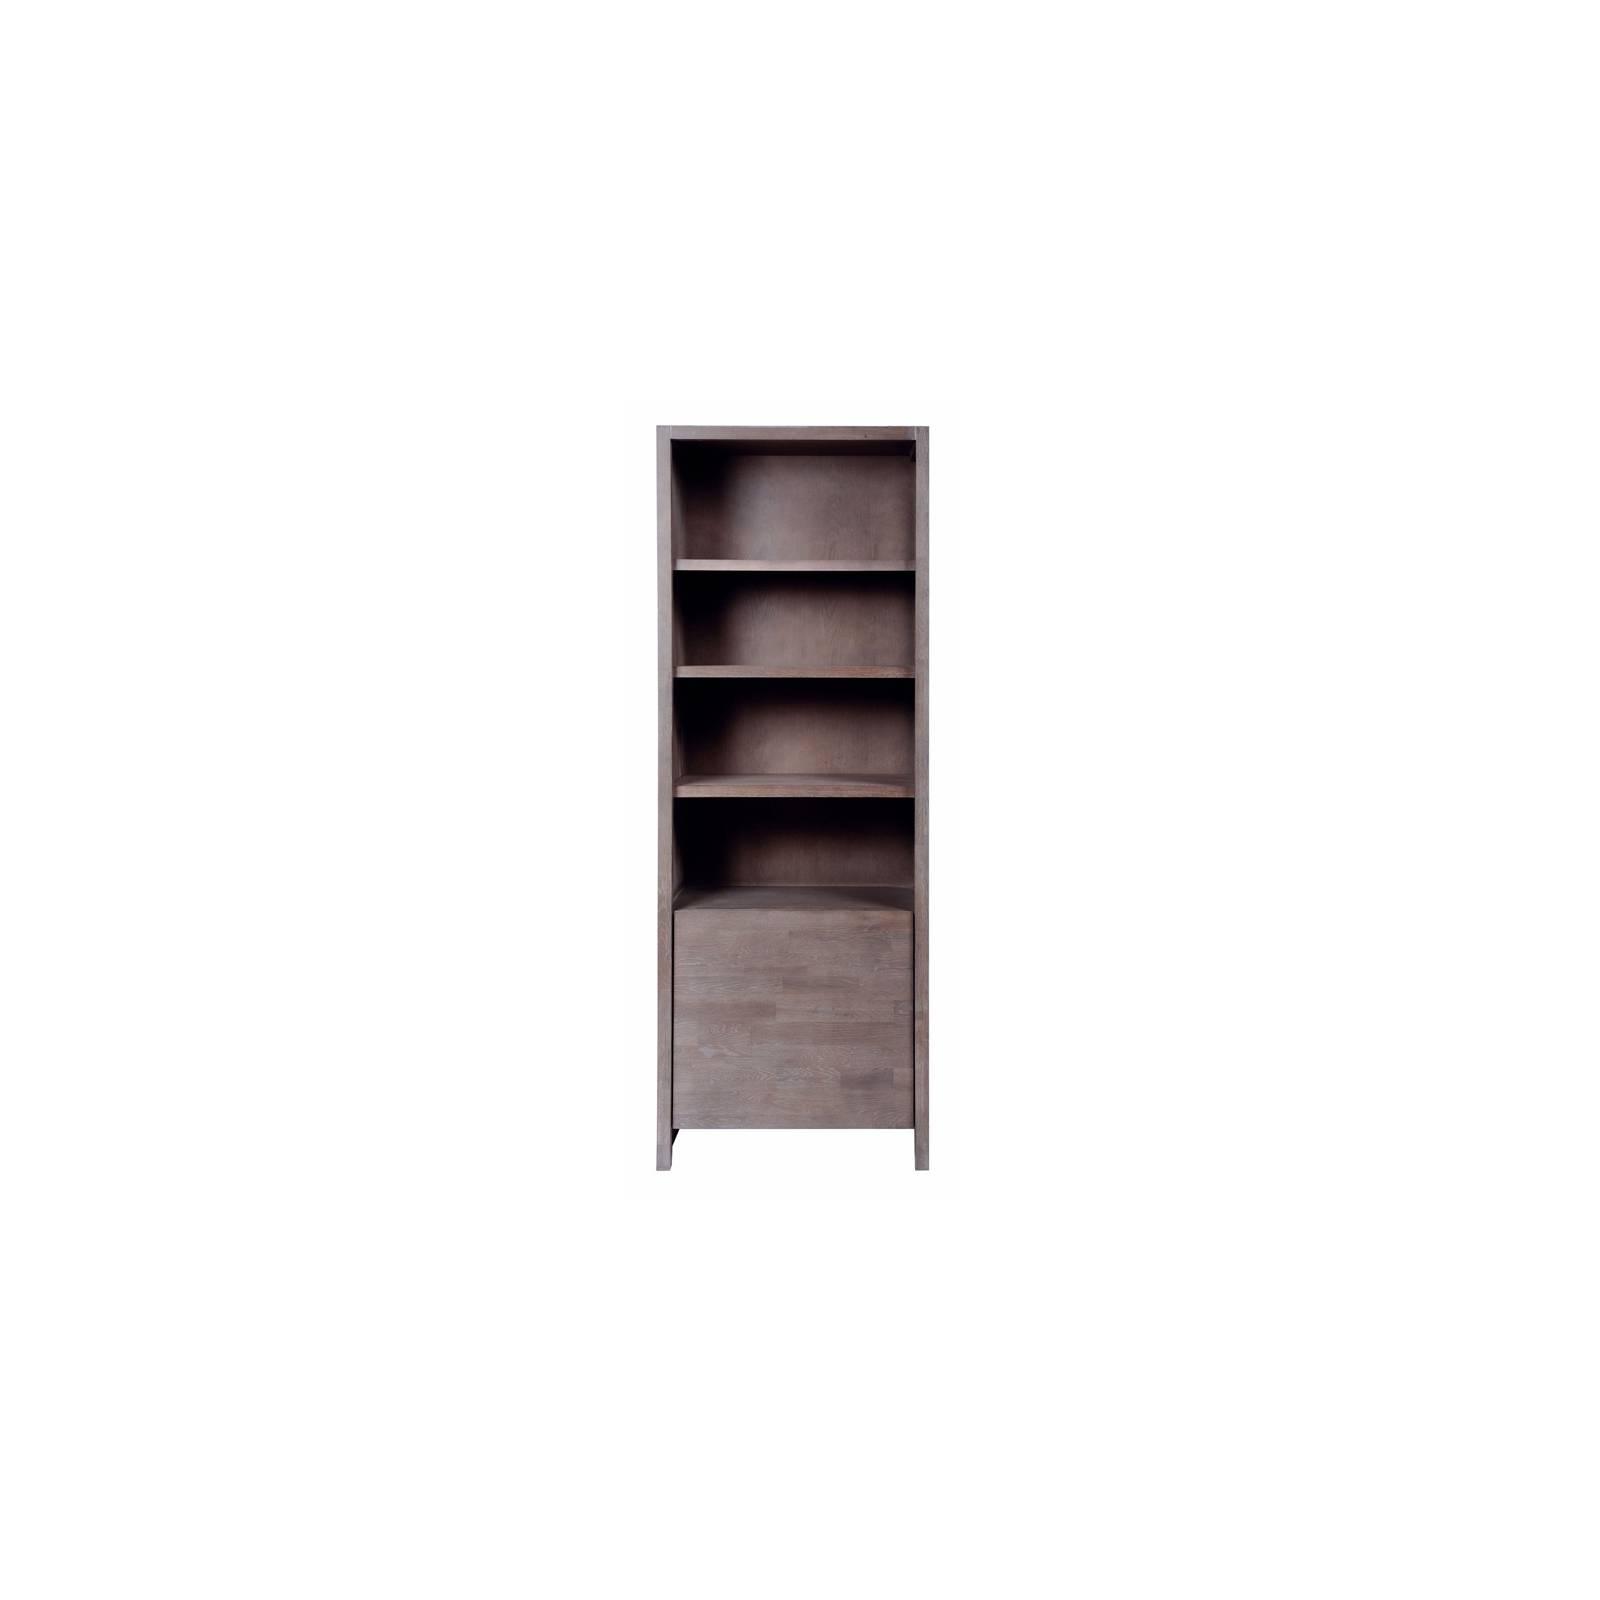 Bibliothèque Volca Chêne - meuble esprit design